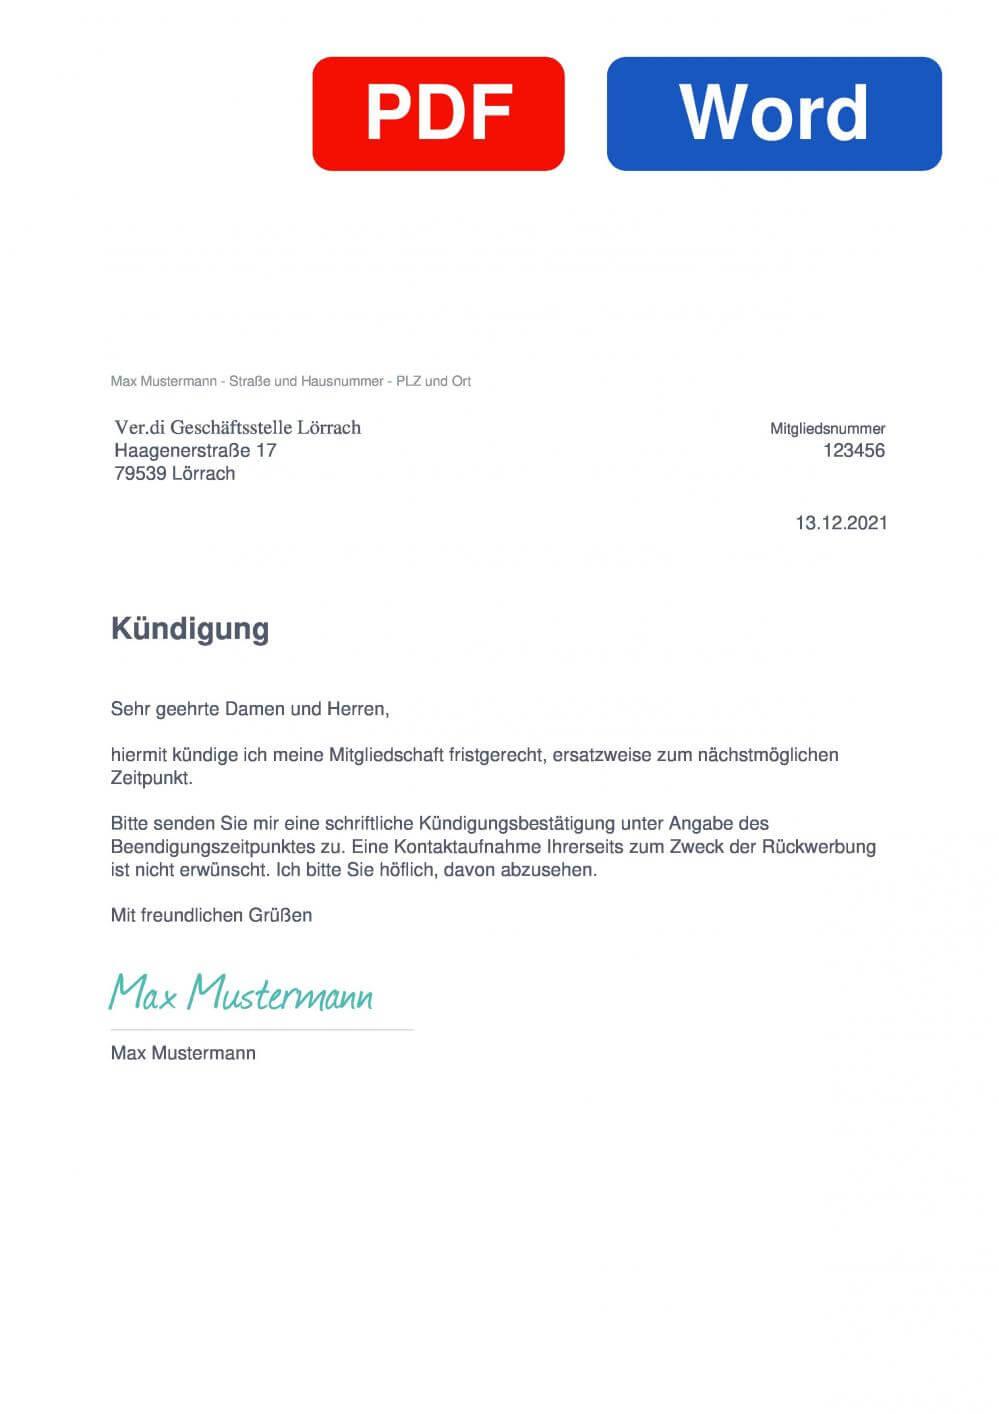 Verdi Lörrach Muster Vorlage für Kündigungsschreiben